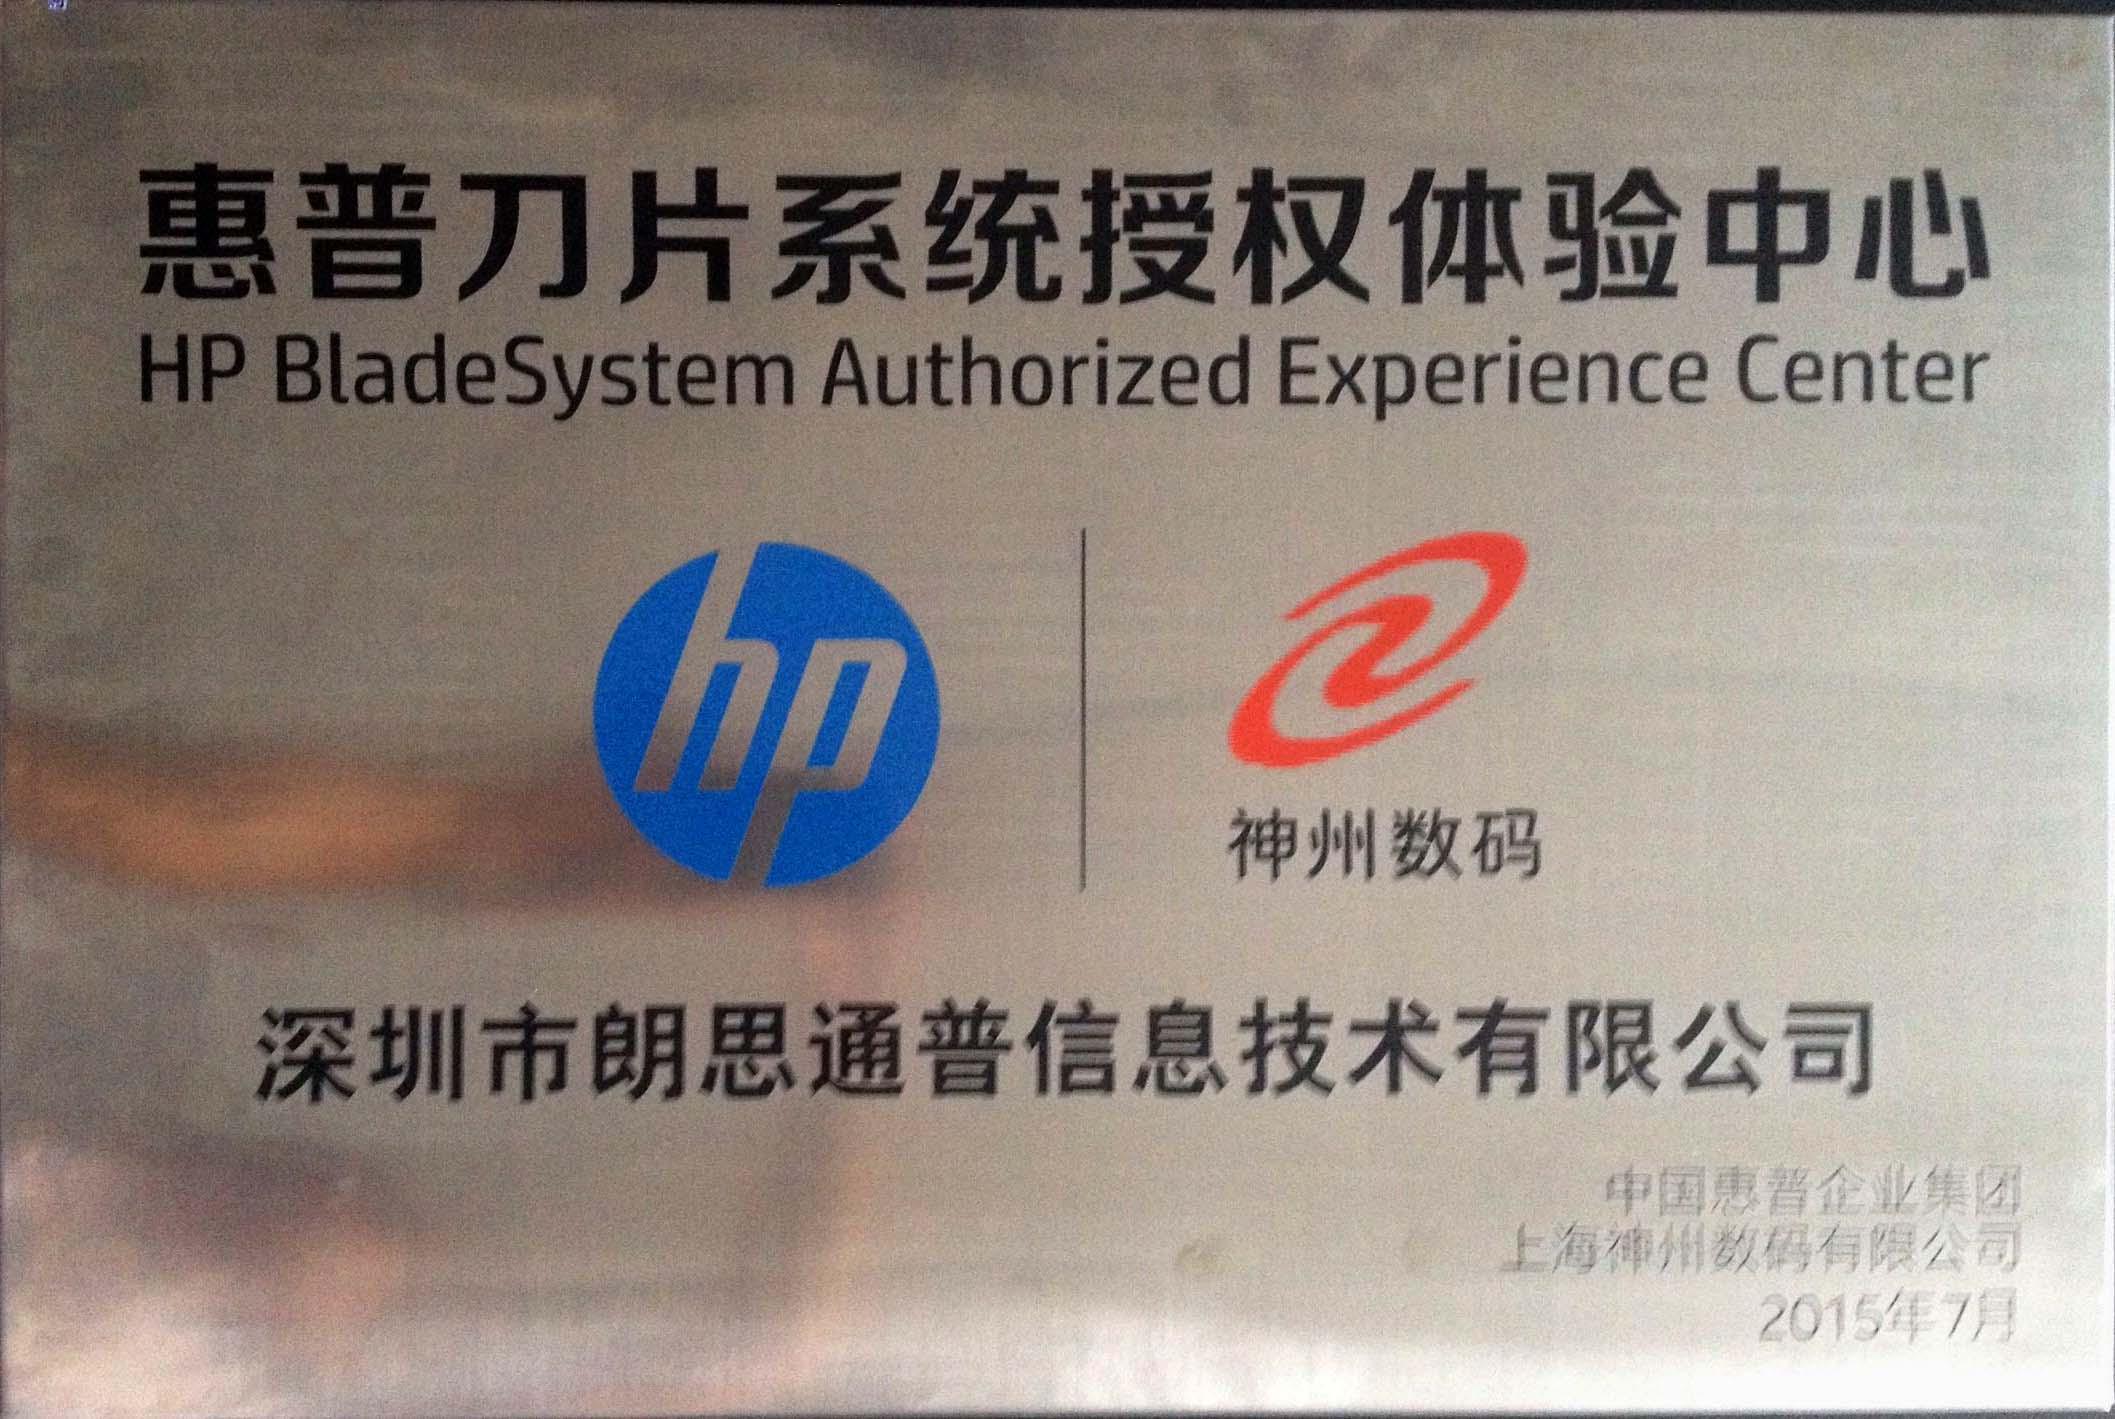 惠普服务器大全 惠普服务器报价 hp服务器官网代理商